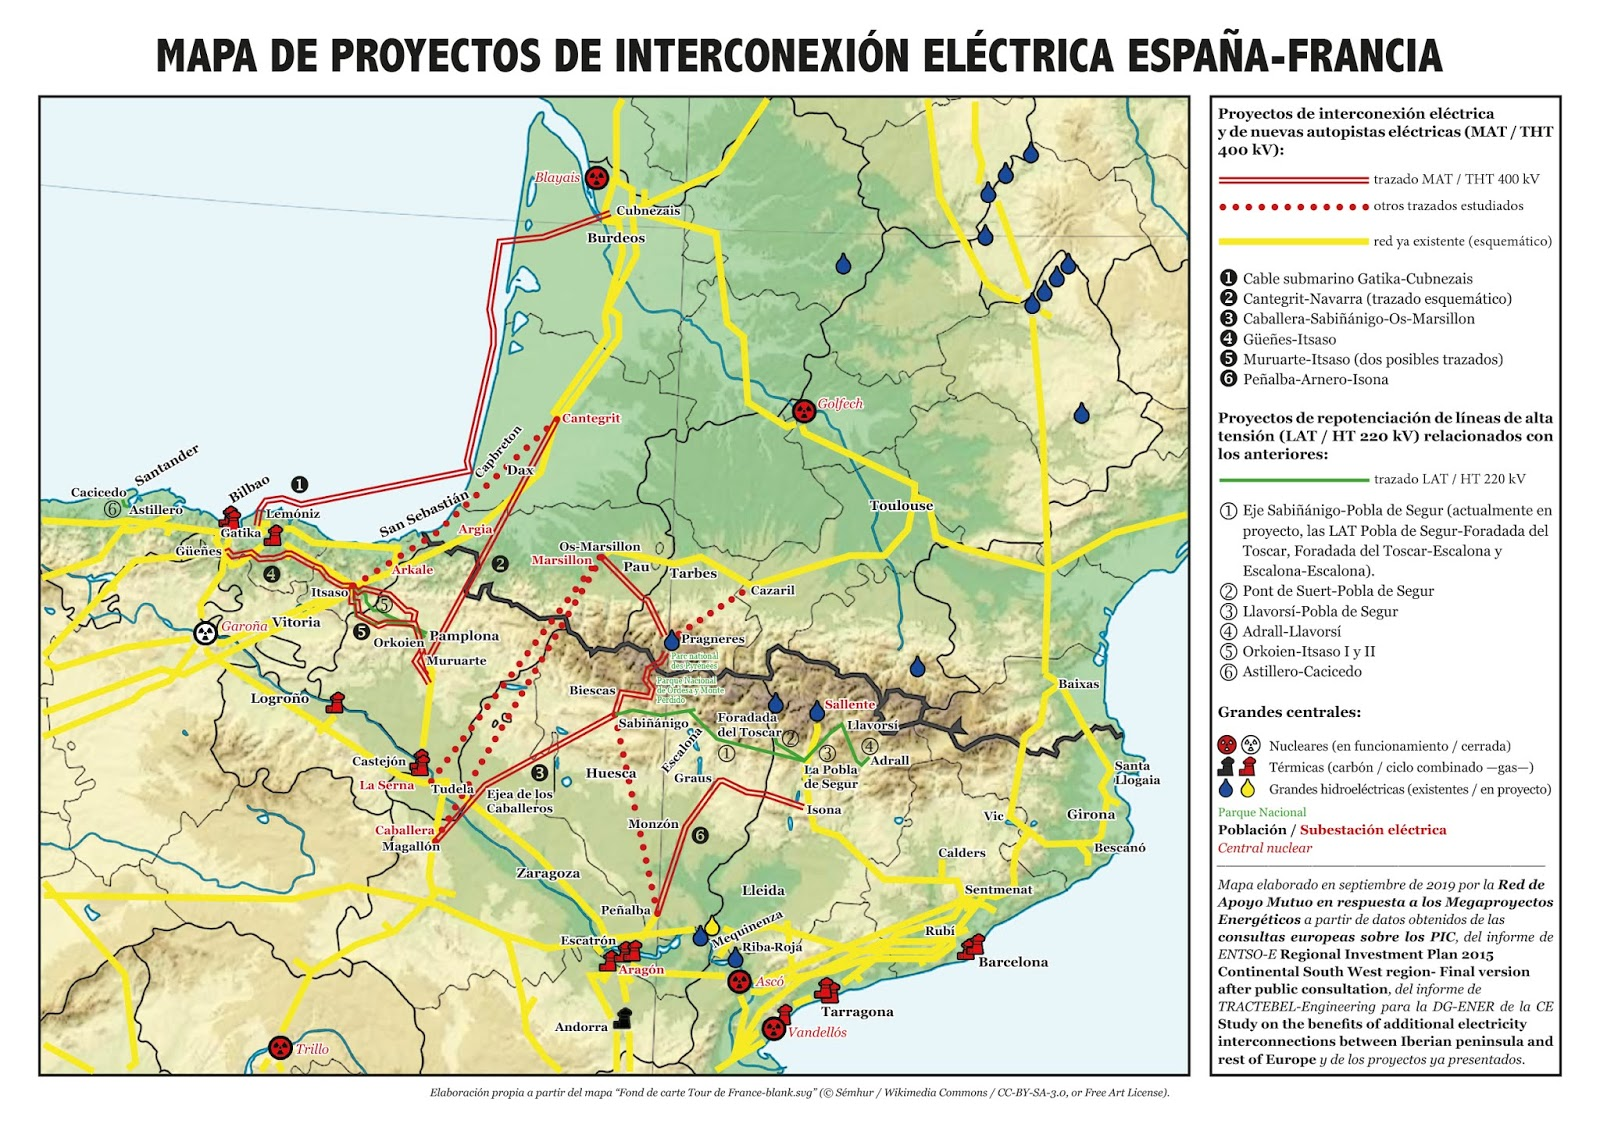 Mapa de los proyectos de interconexiones eléctricas España-Francia